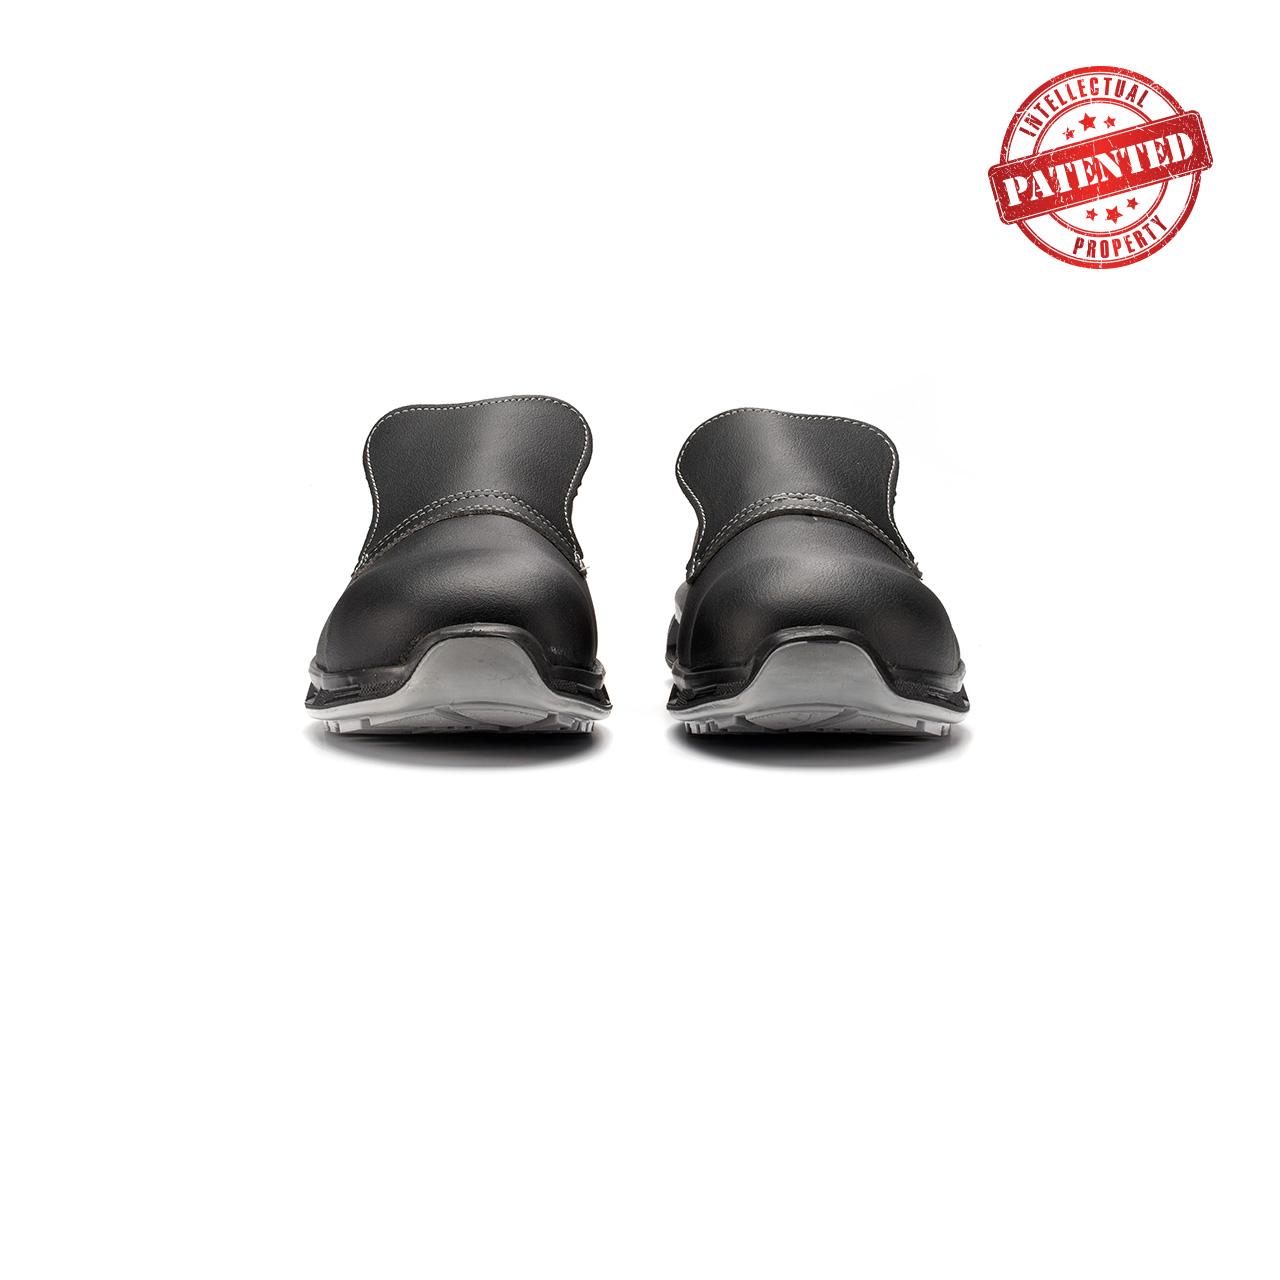 paio di scarpe antinfortunistiche upower modello noir linea redlion vista frontale